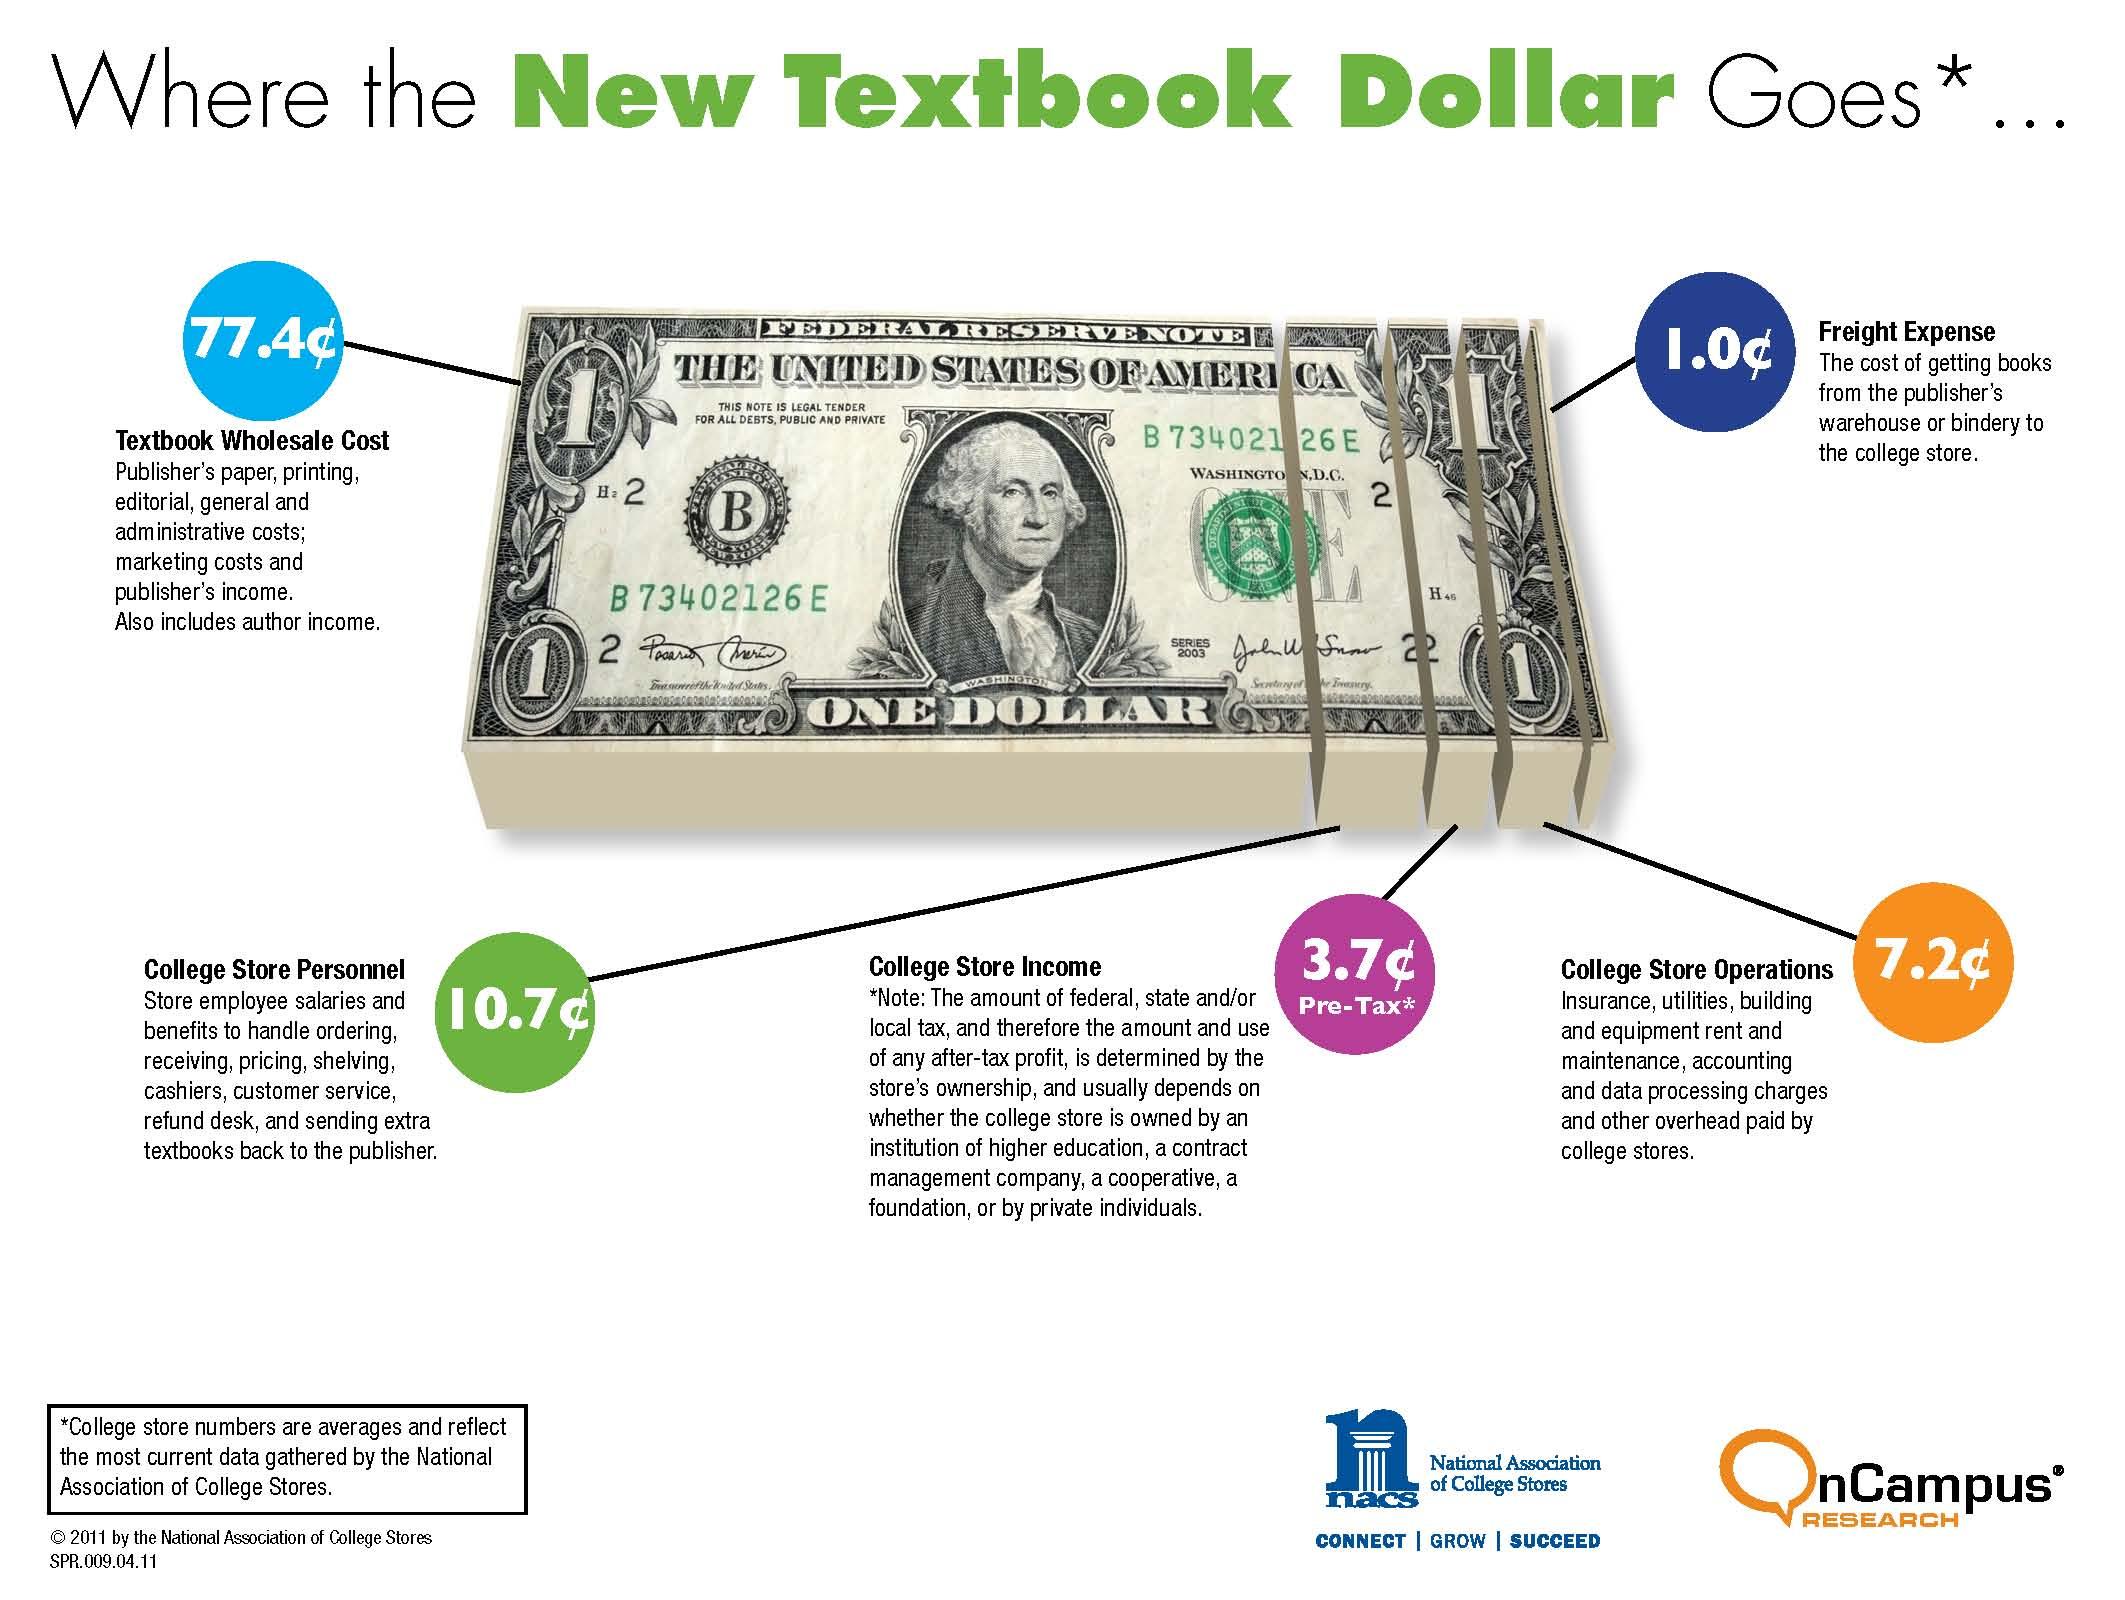 Where Textbook Dollars Go